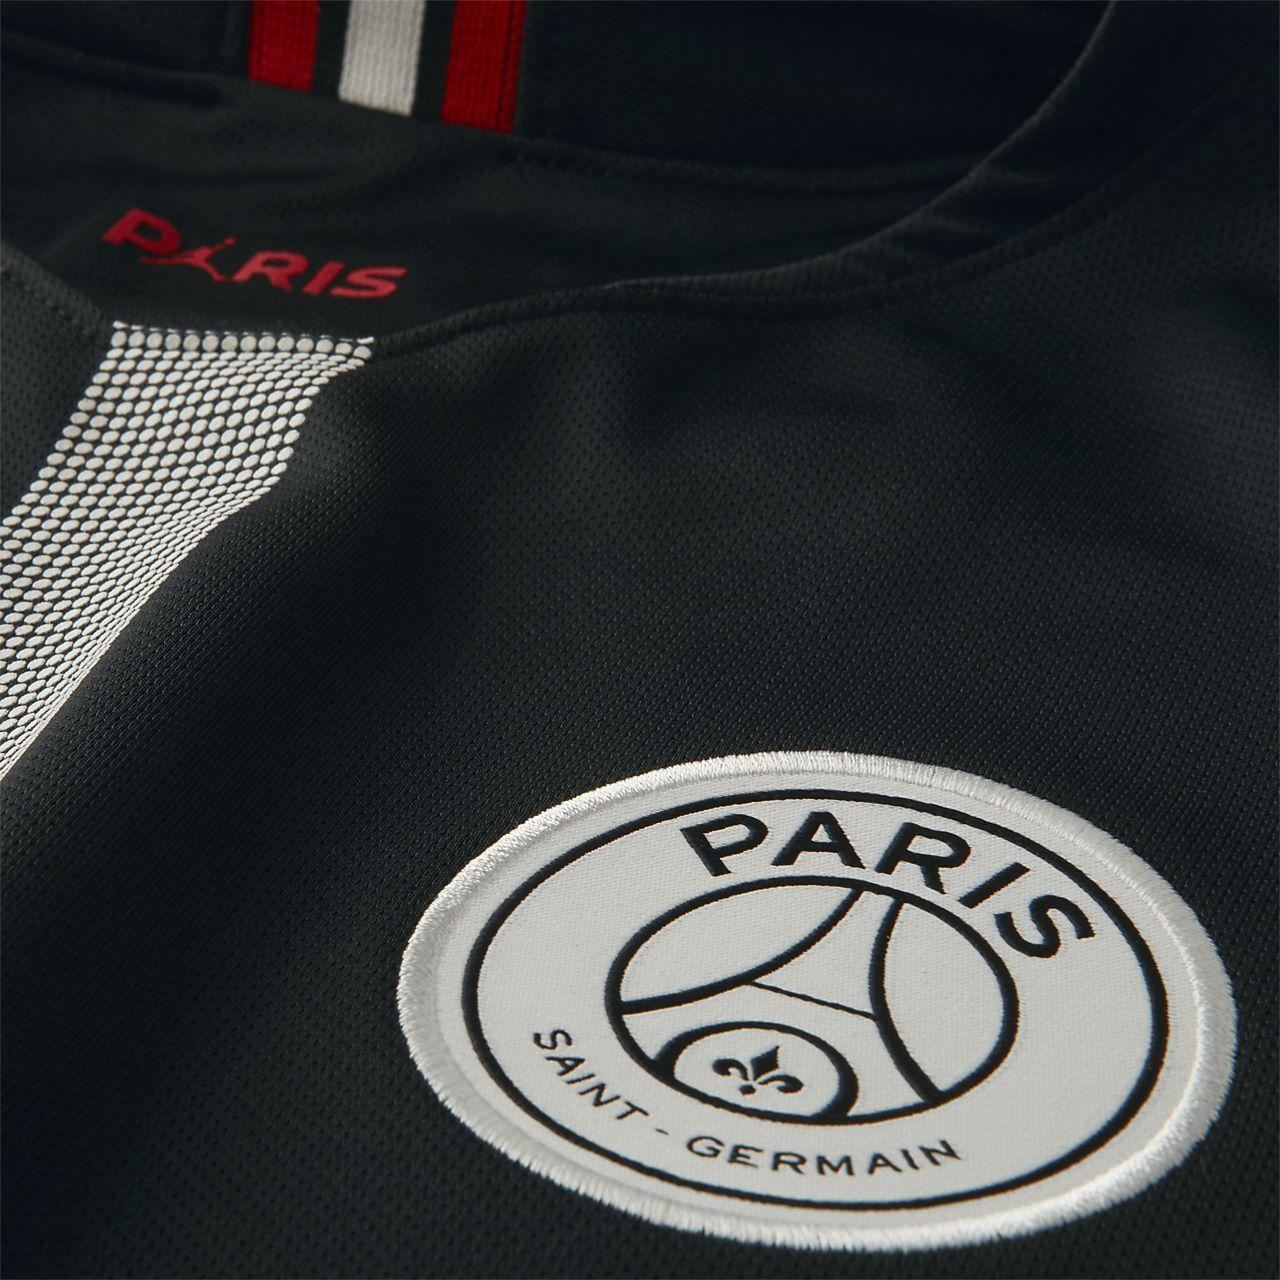 ... Camiseta de fútbol para hombre alternativa Stadium del Paris  Saint-Germain 2018 19 ac626cc4aab